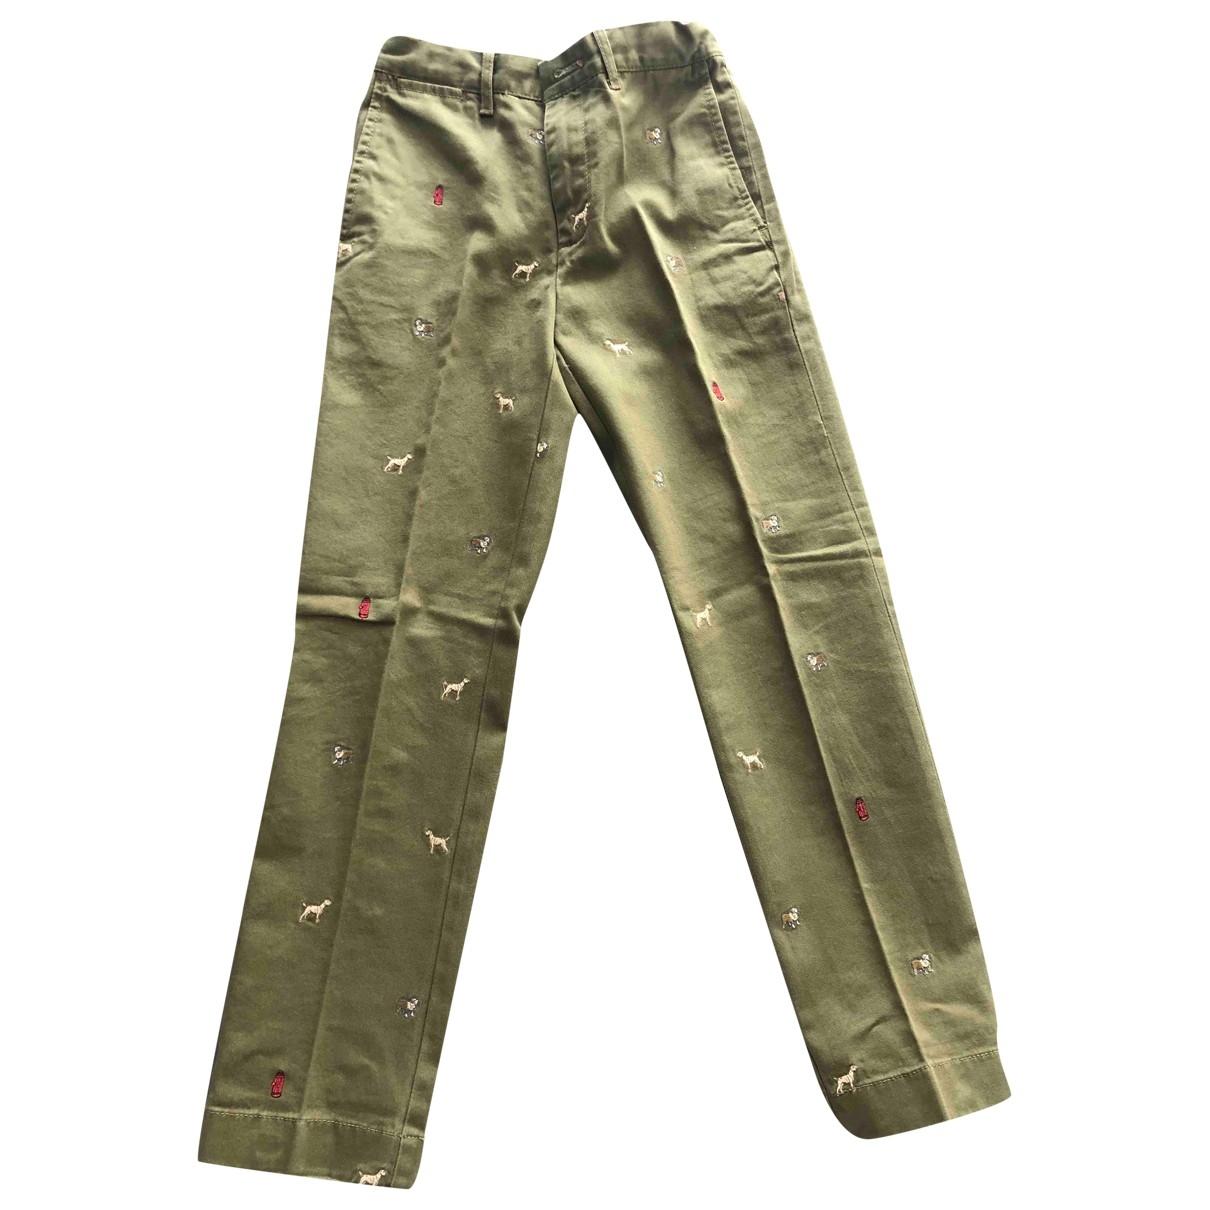 Pantalones en Algodon Caqui J.crew